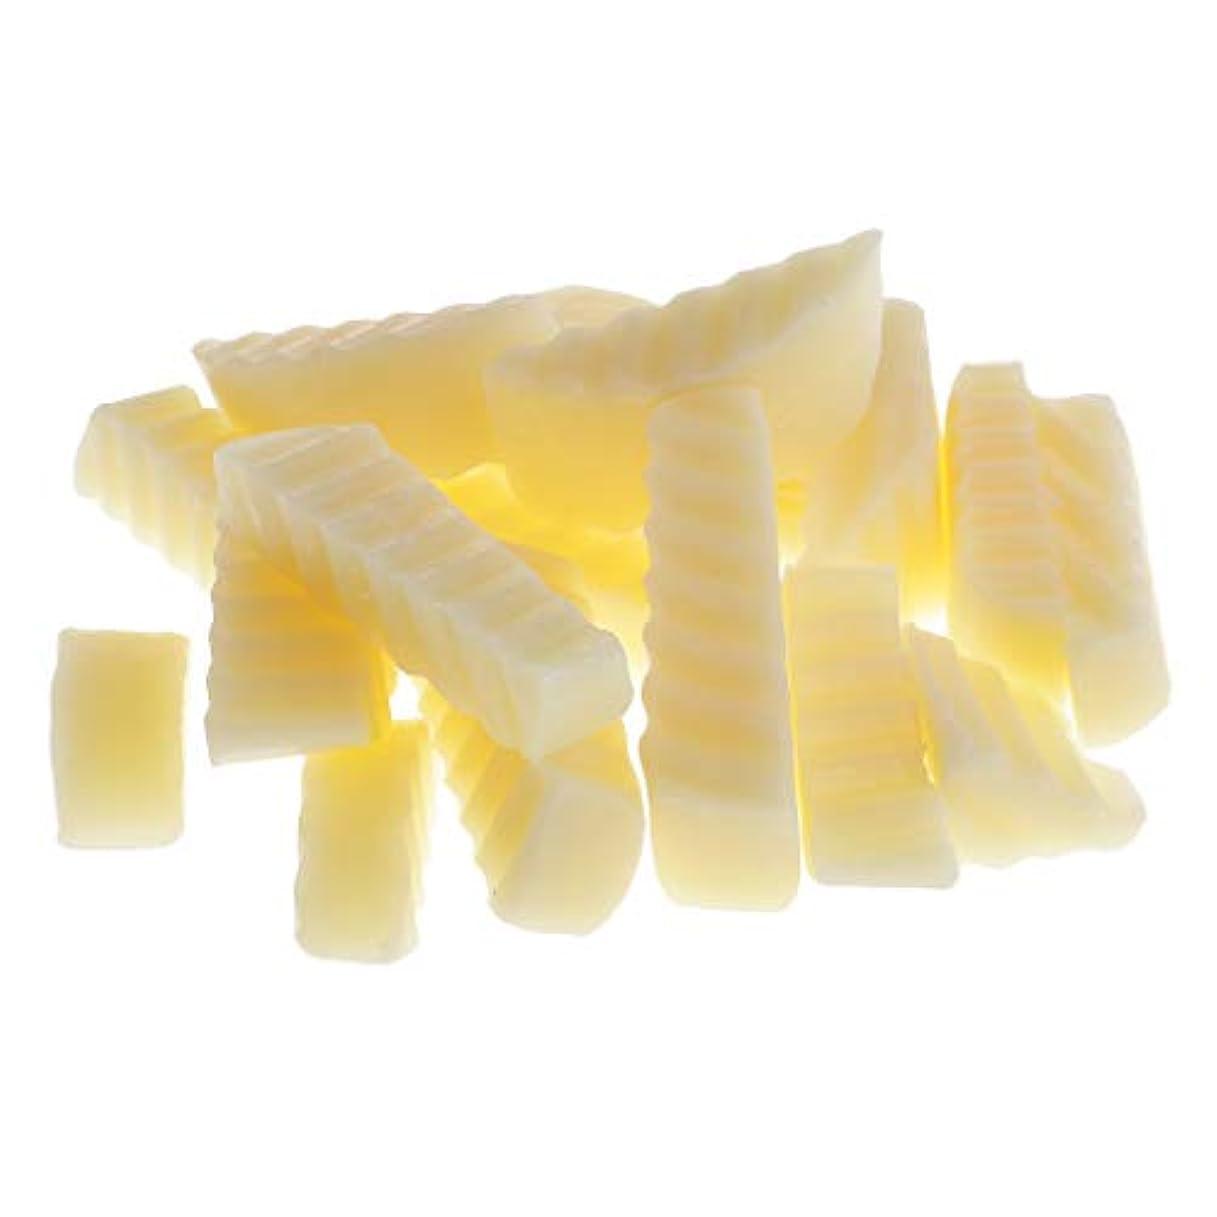 慢な物思いにふける裁定Perfeclan 約250g /パック ラノリン石鹸 自然な素材 DIY手作り 石鹸 固形せっけん 使いやすい